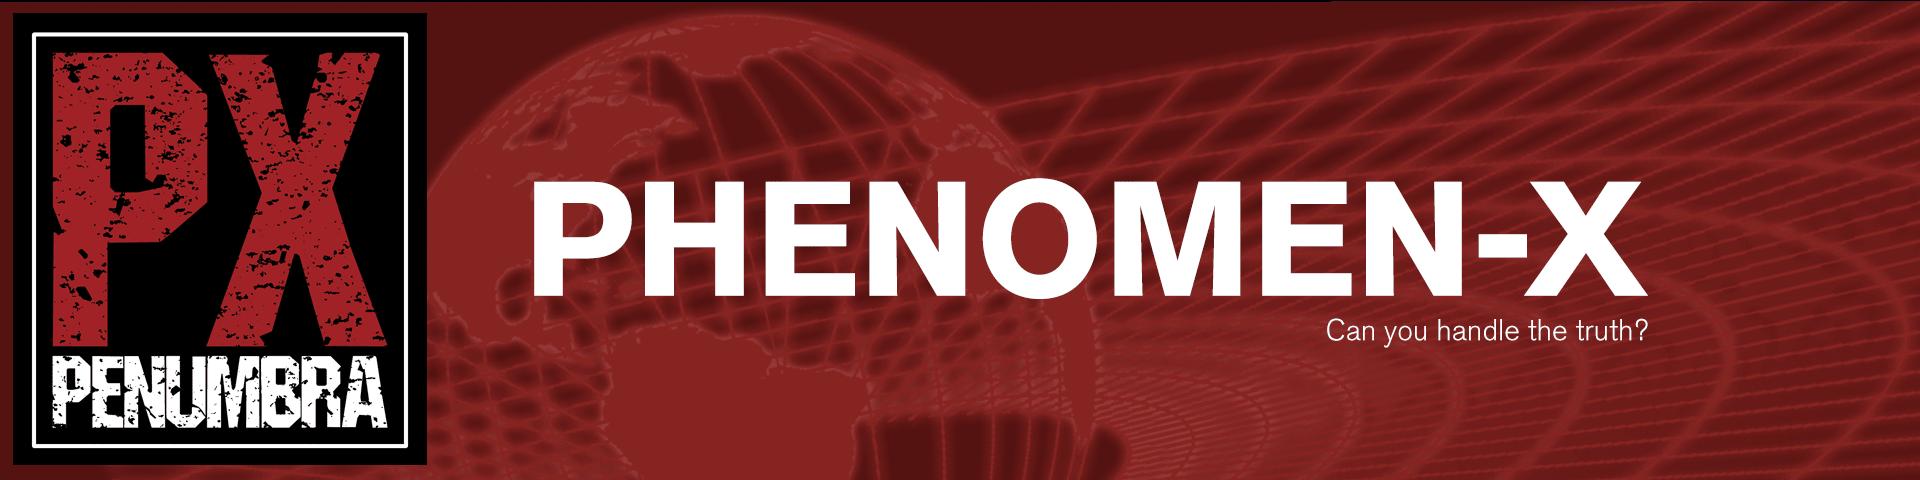 Phenomen-X